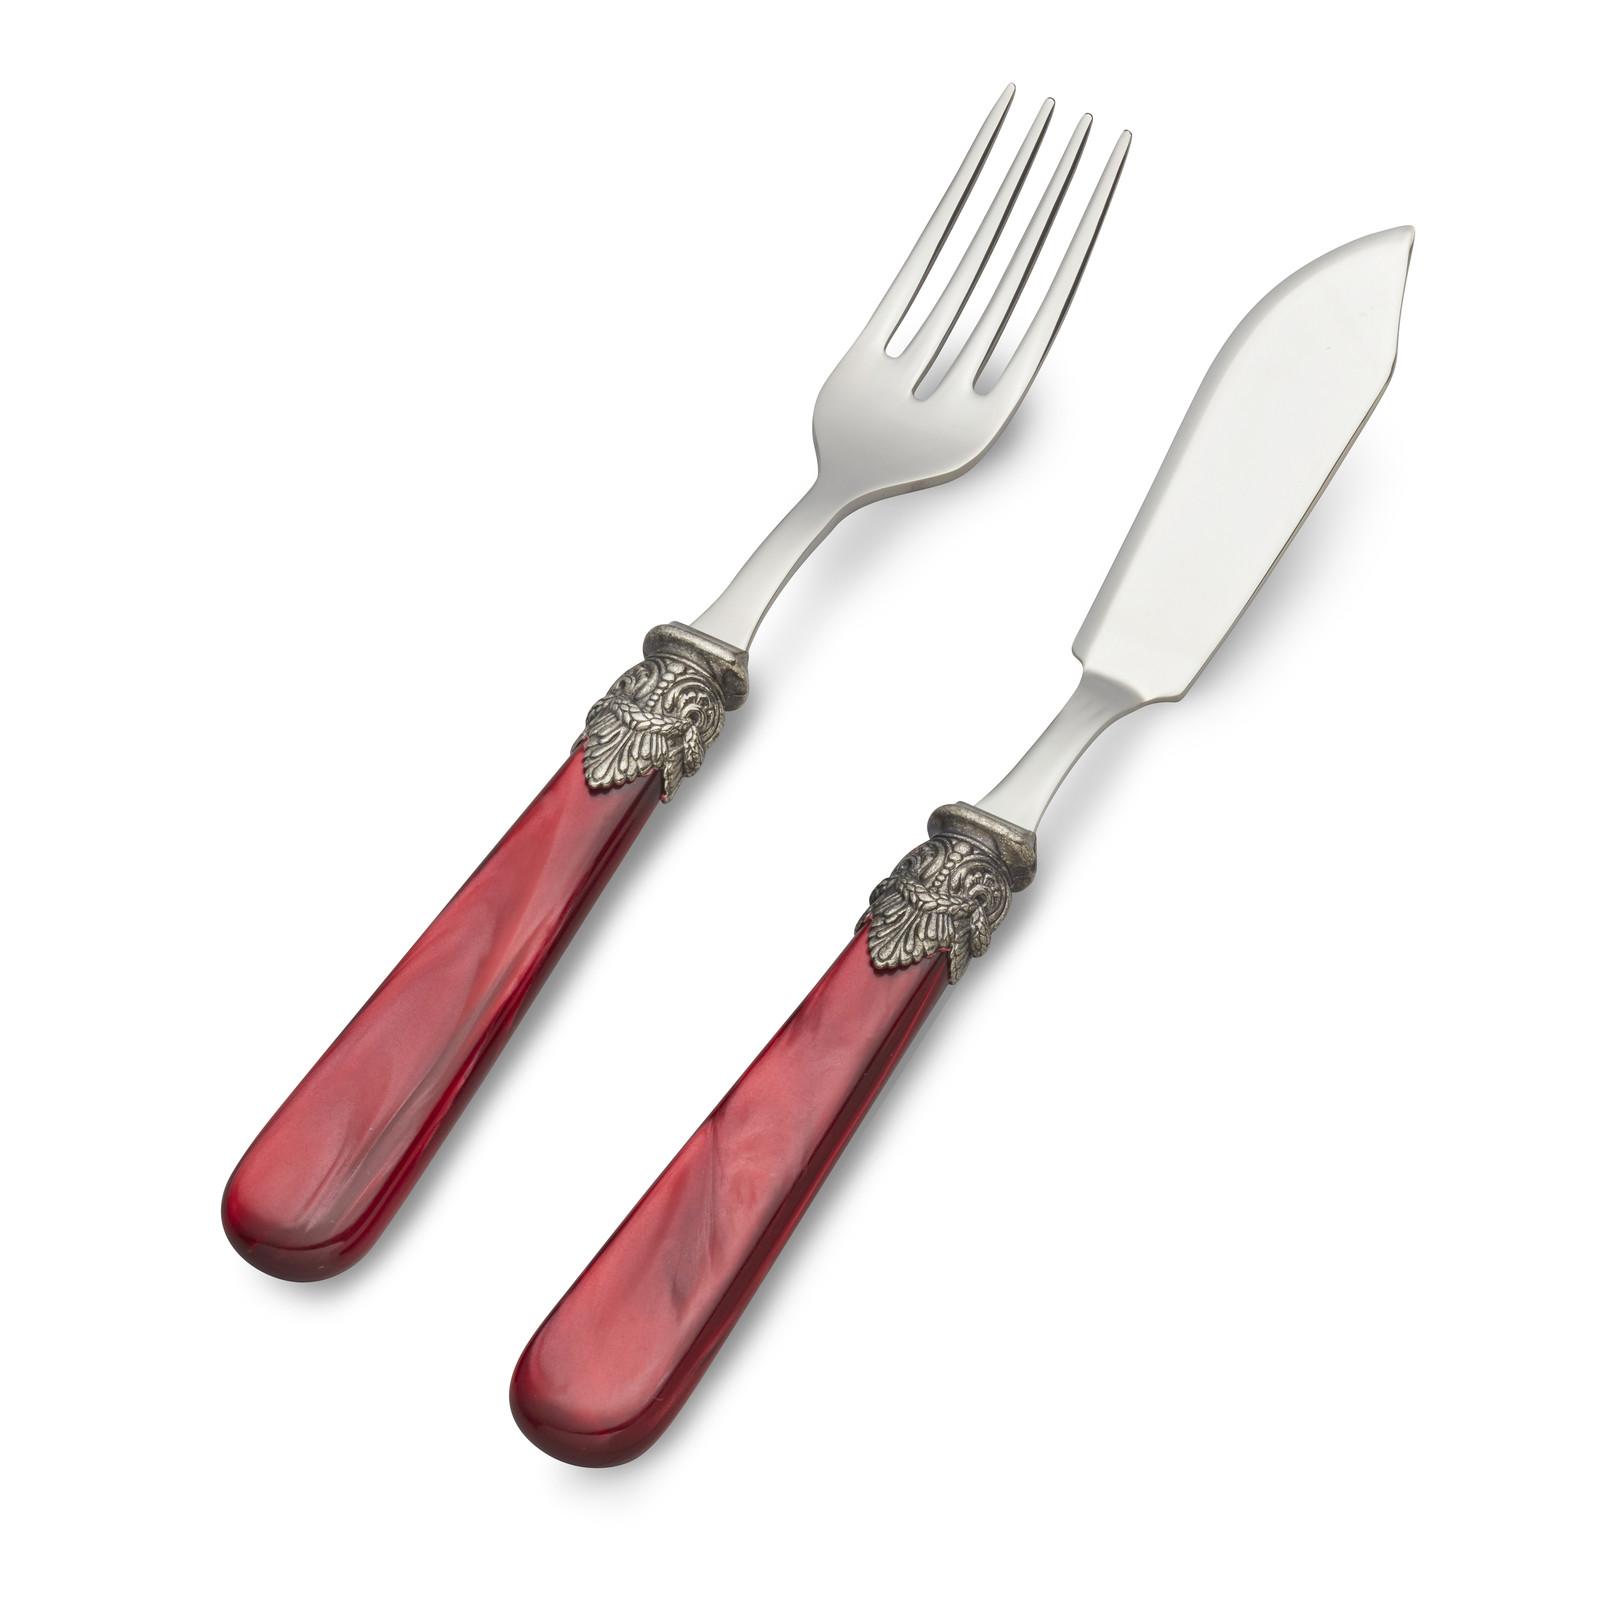 Fisch Besteckset, 2-teilig (Fischmesser und Fischgabel), Rot mit Perlmutt, 1 Person